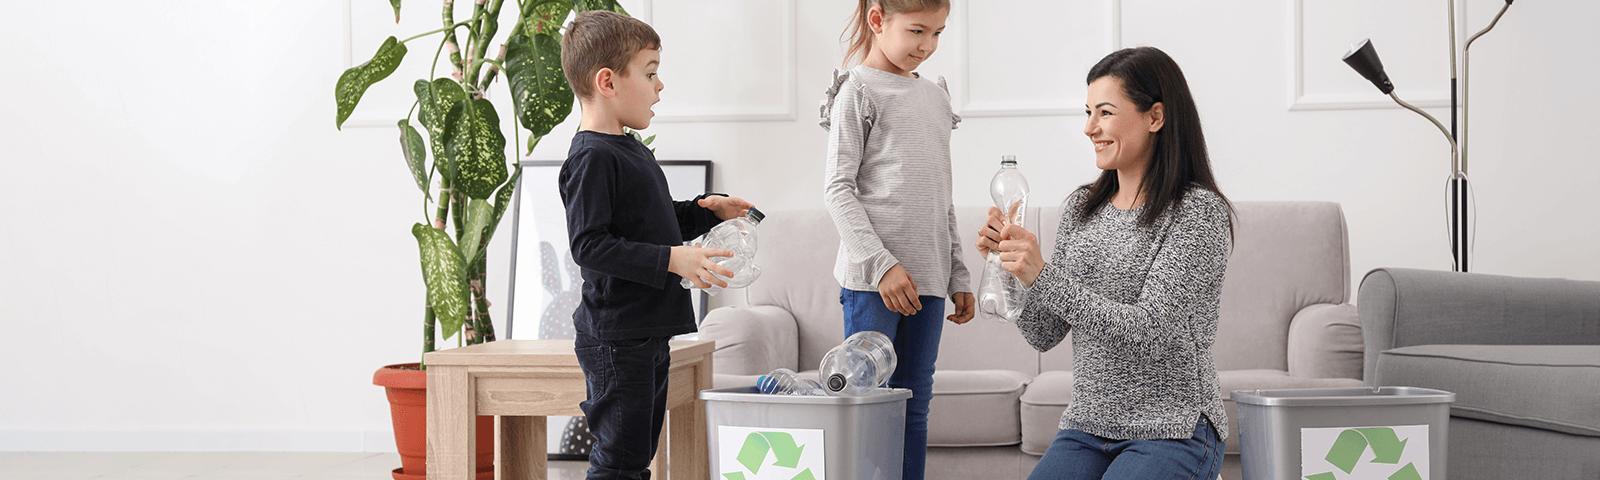 Jak nauczyć dzieci segregowania śmieci?